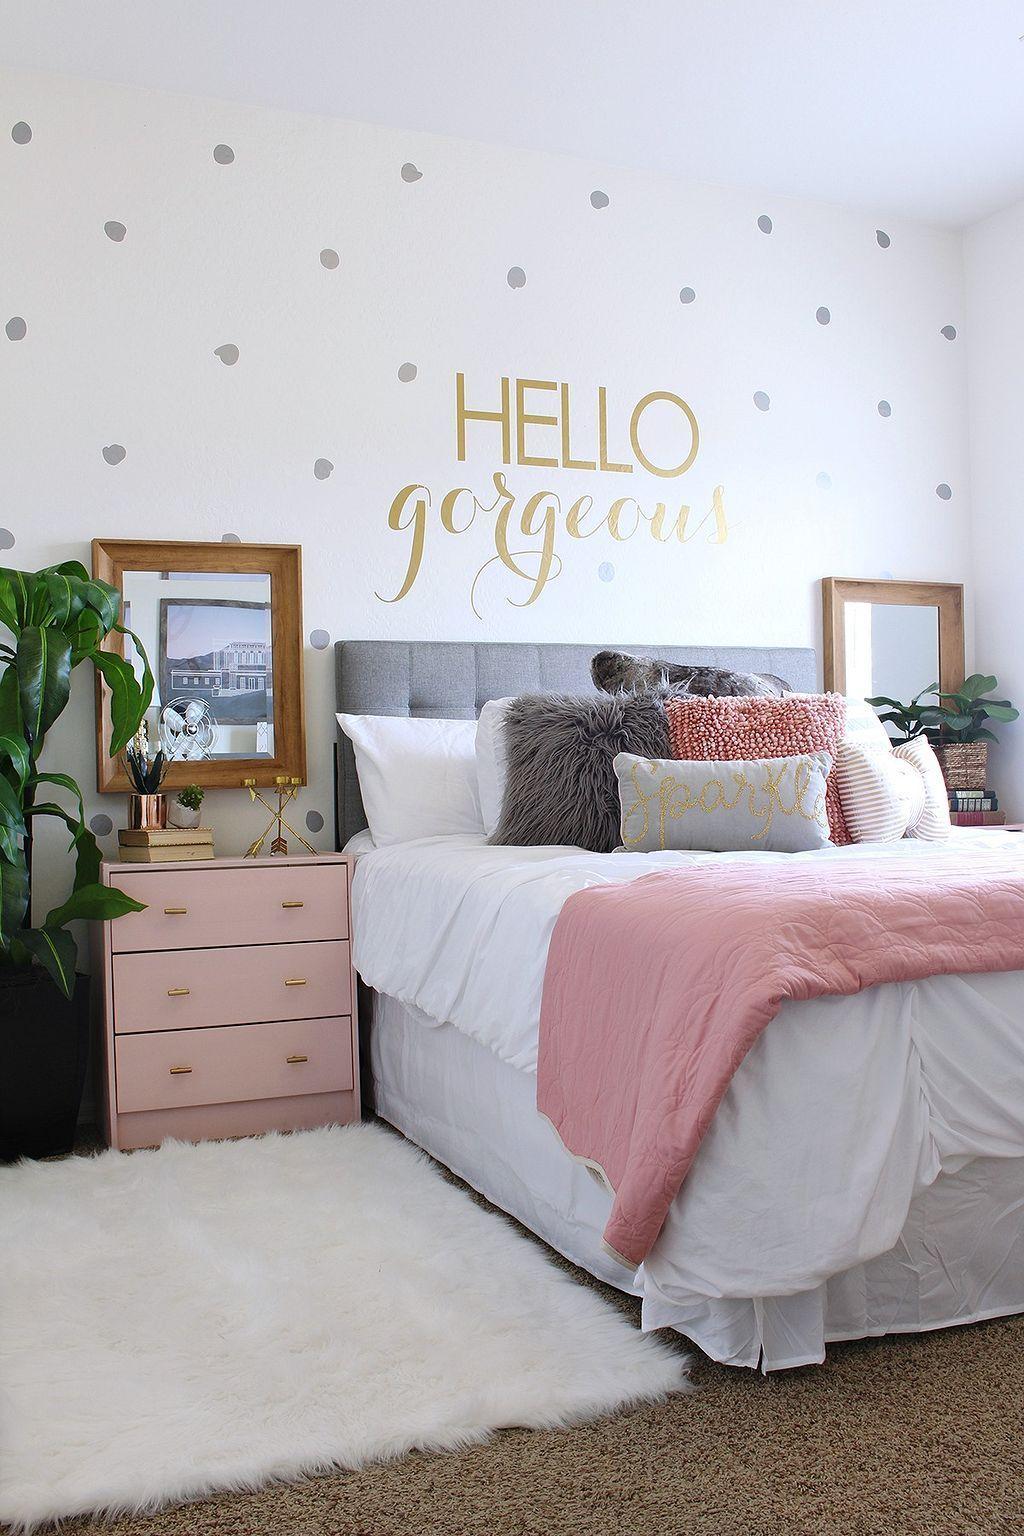 Pin On My Room Ideas